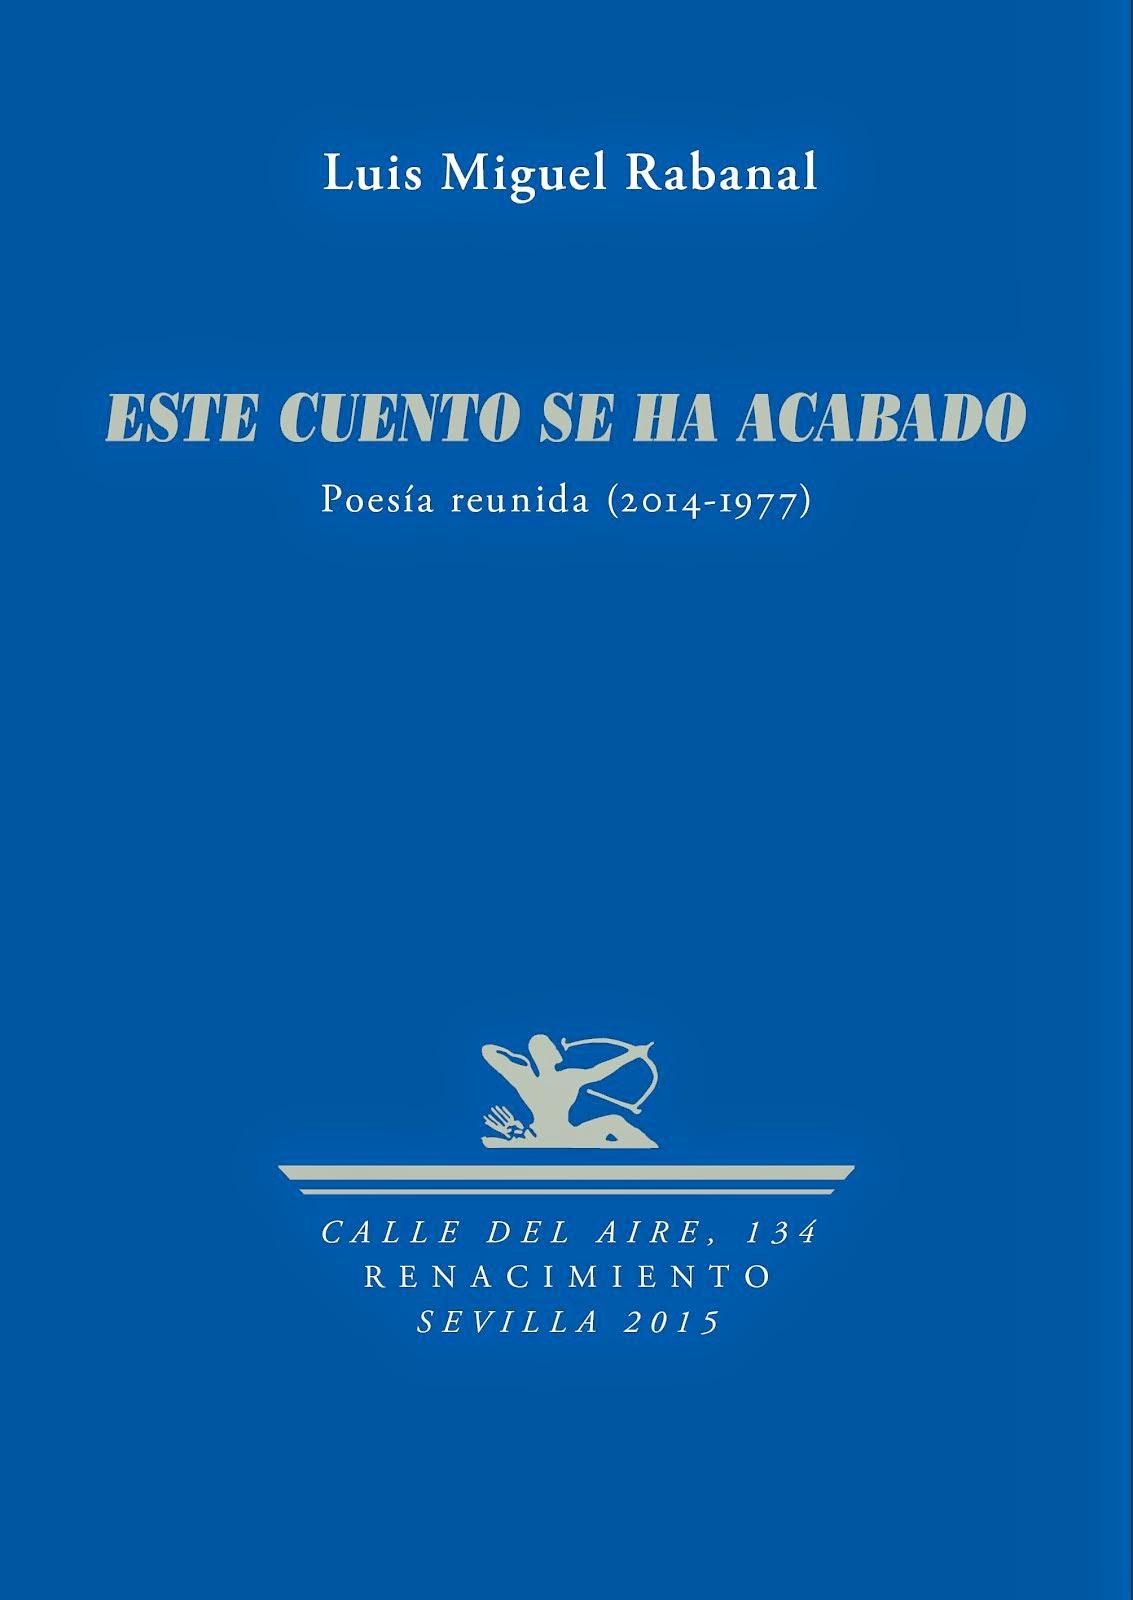 ESTE CUENTO SE HA ACABADO (Poesía reunida 2014-1977) / LUIS MIGUEL RABANAL